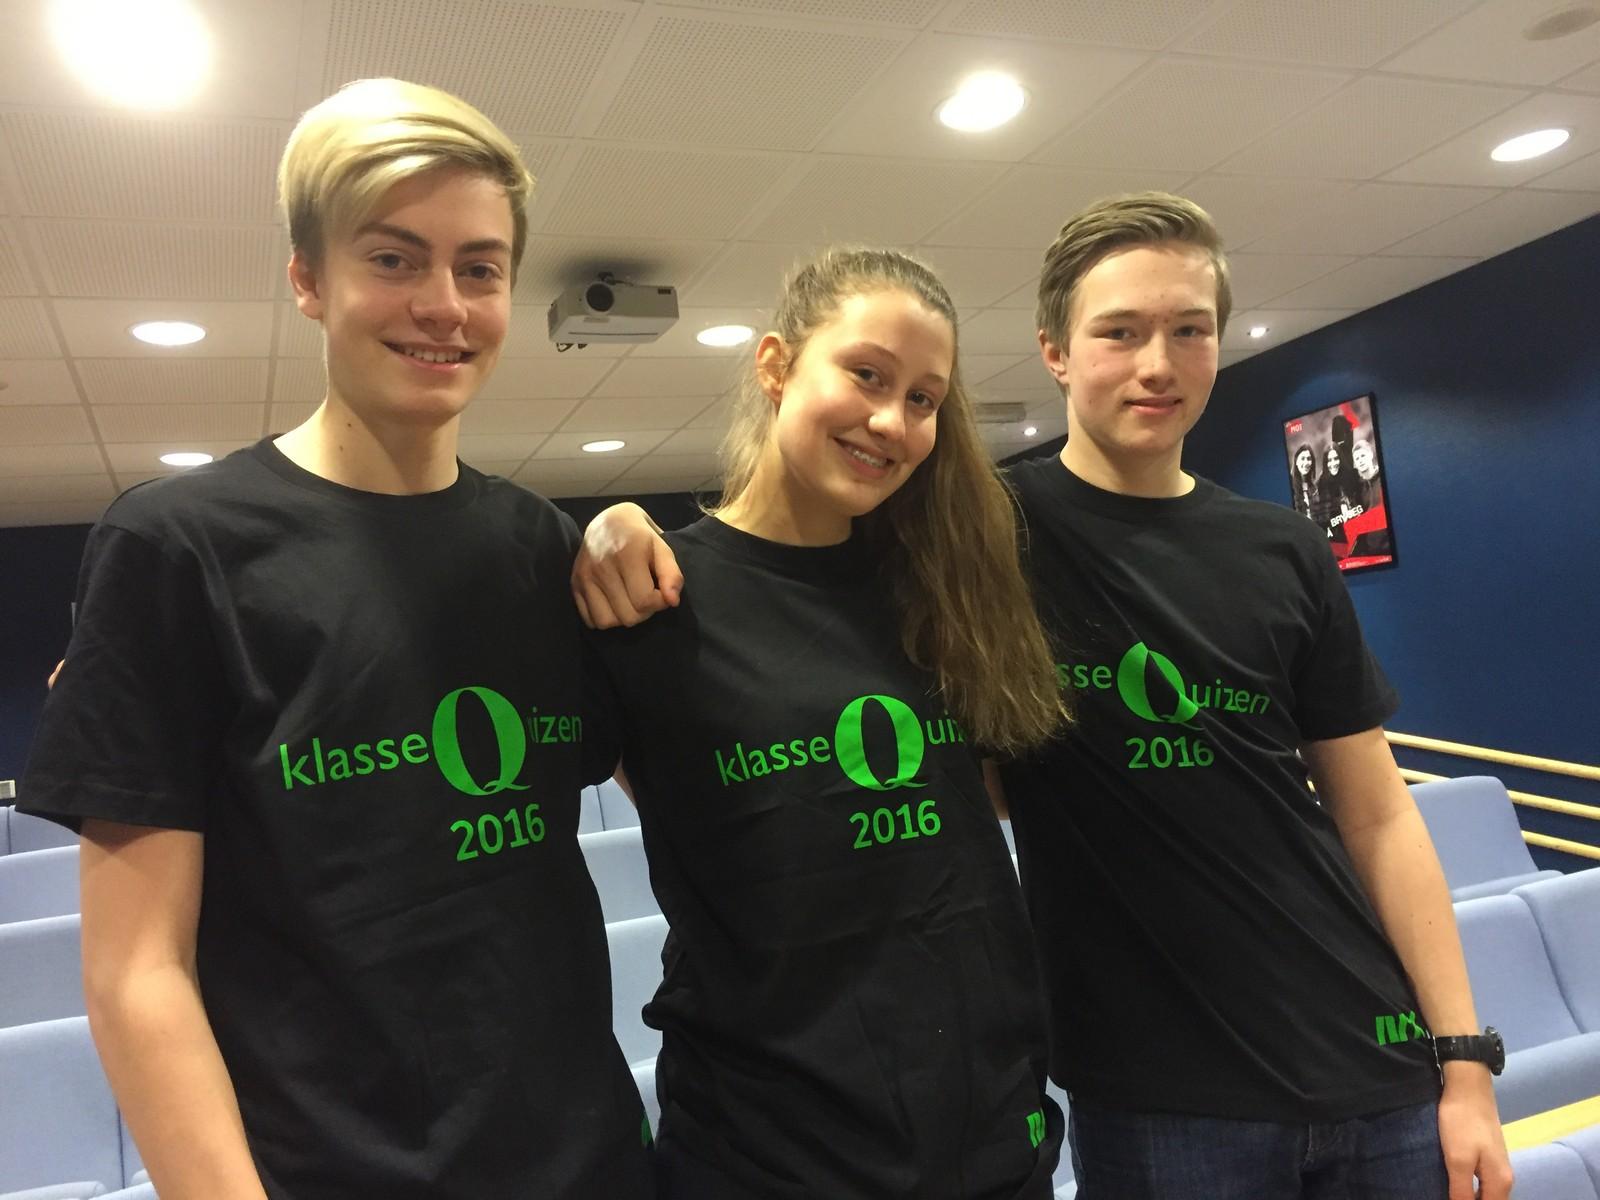 Simen Blankeborg Berge, Oda Marie Berge Lostuen og Marius Svendstad ved Vinstra ungdomsskole klarte ni rette i Klassequizen